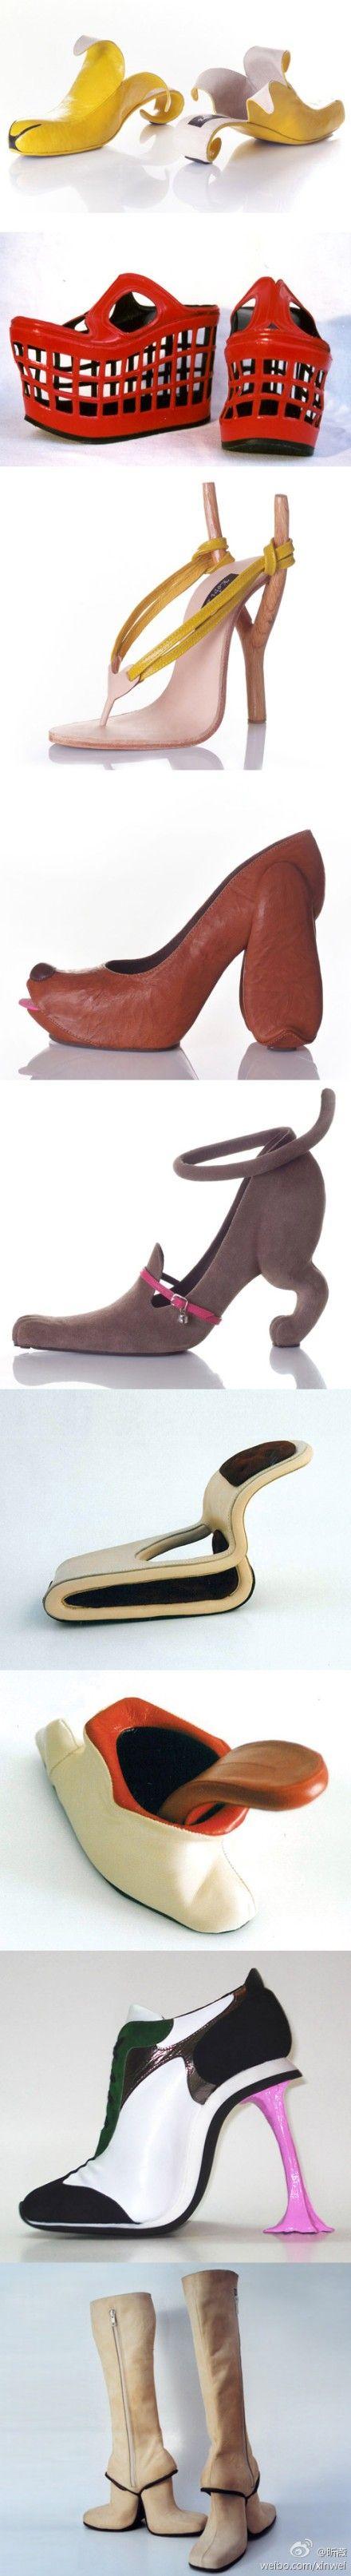 这是鞋吗?是玩具吧?哈哈,总之看着很欢乐……_来自阿晓信信的图片分享-堆糖网